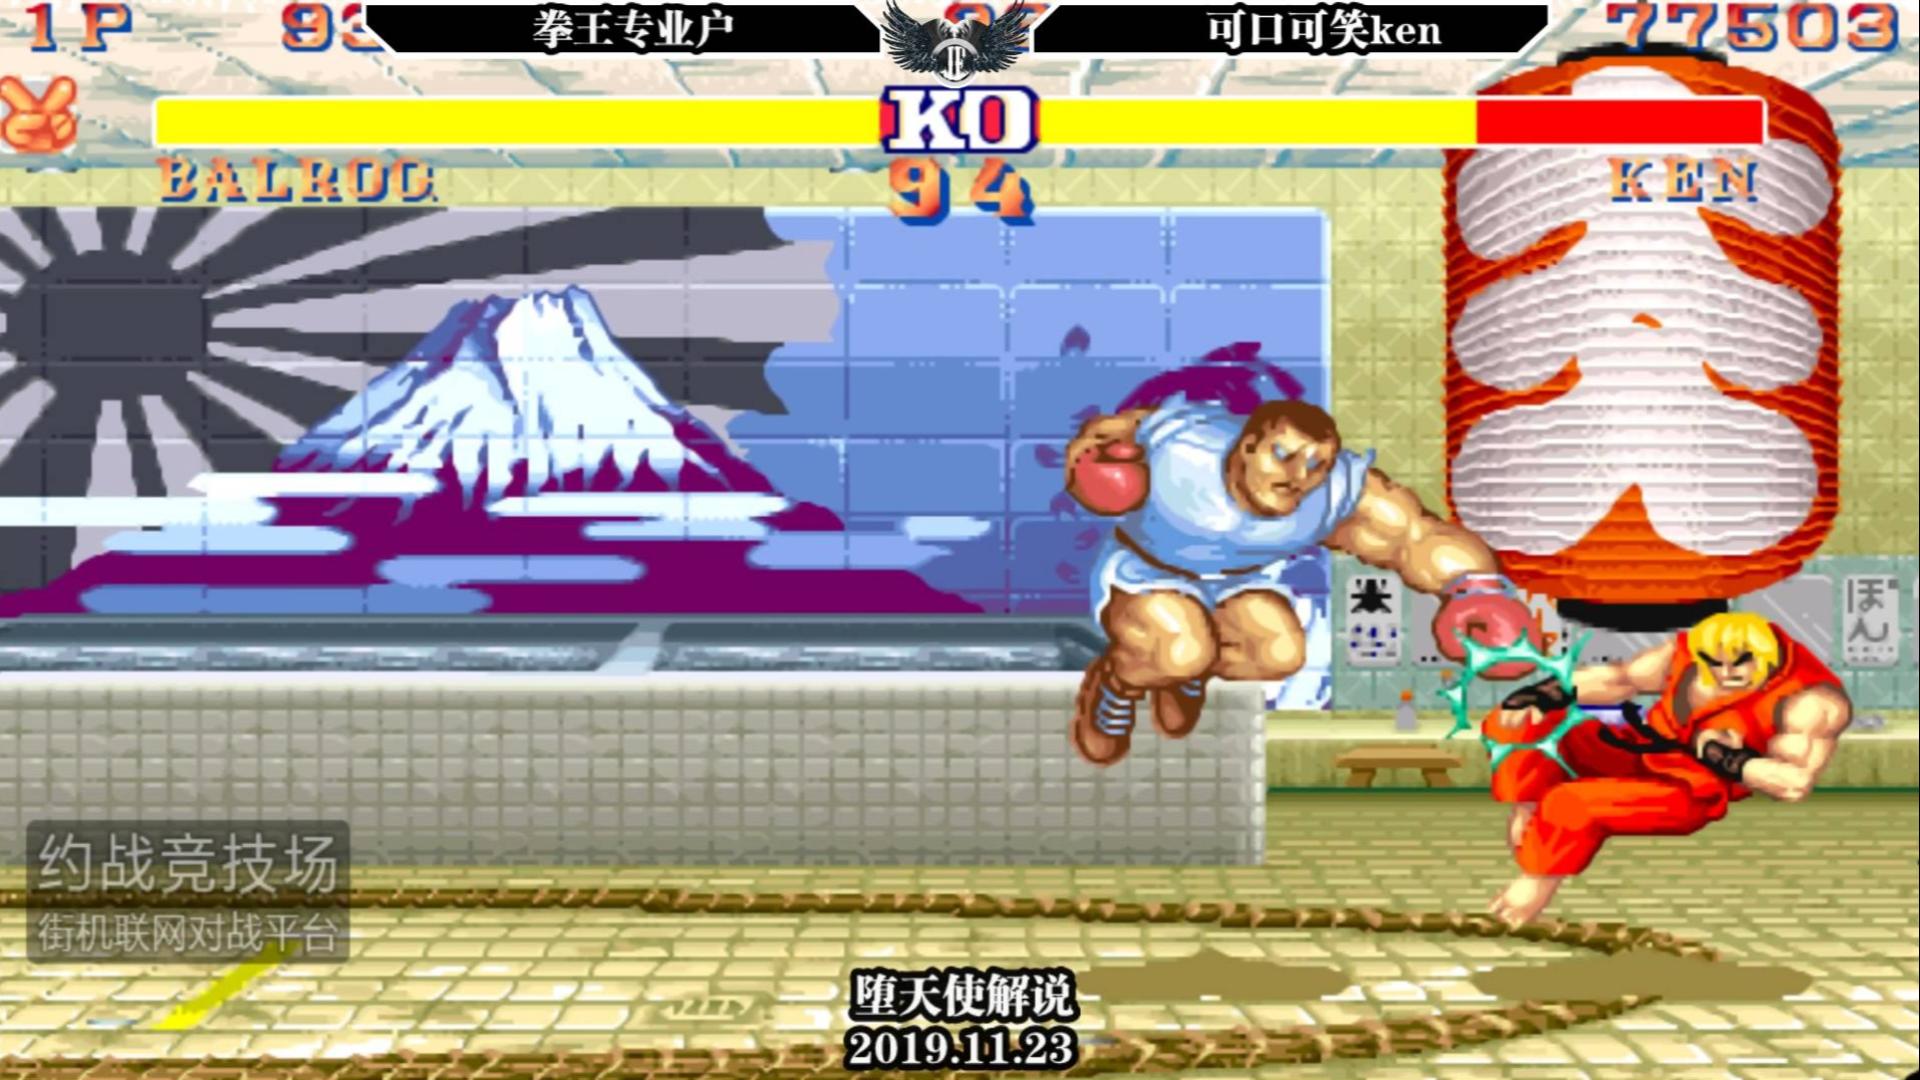 街霸2:拳王用最简单的方式打出最高的伤害,一套半血伤害了解一下